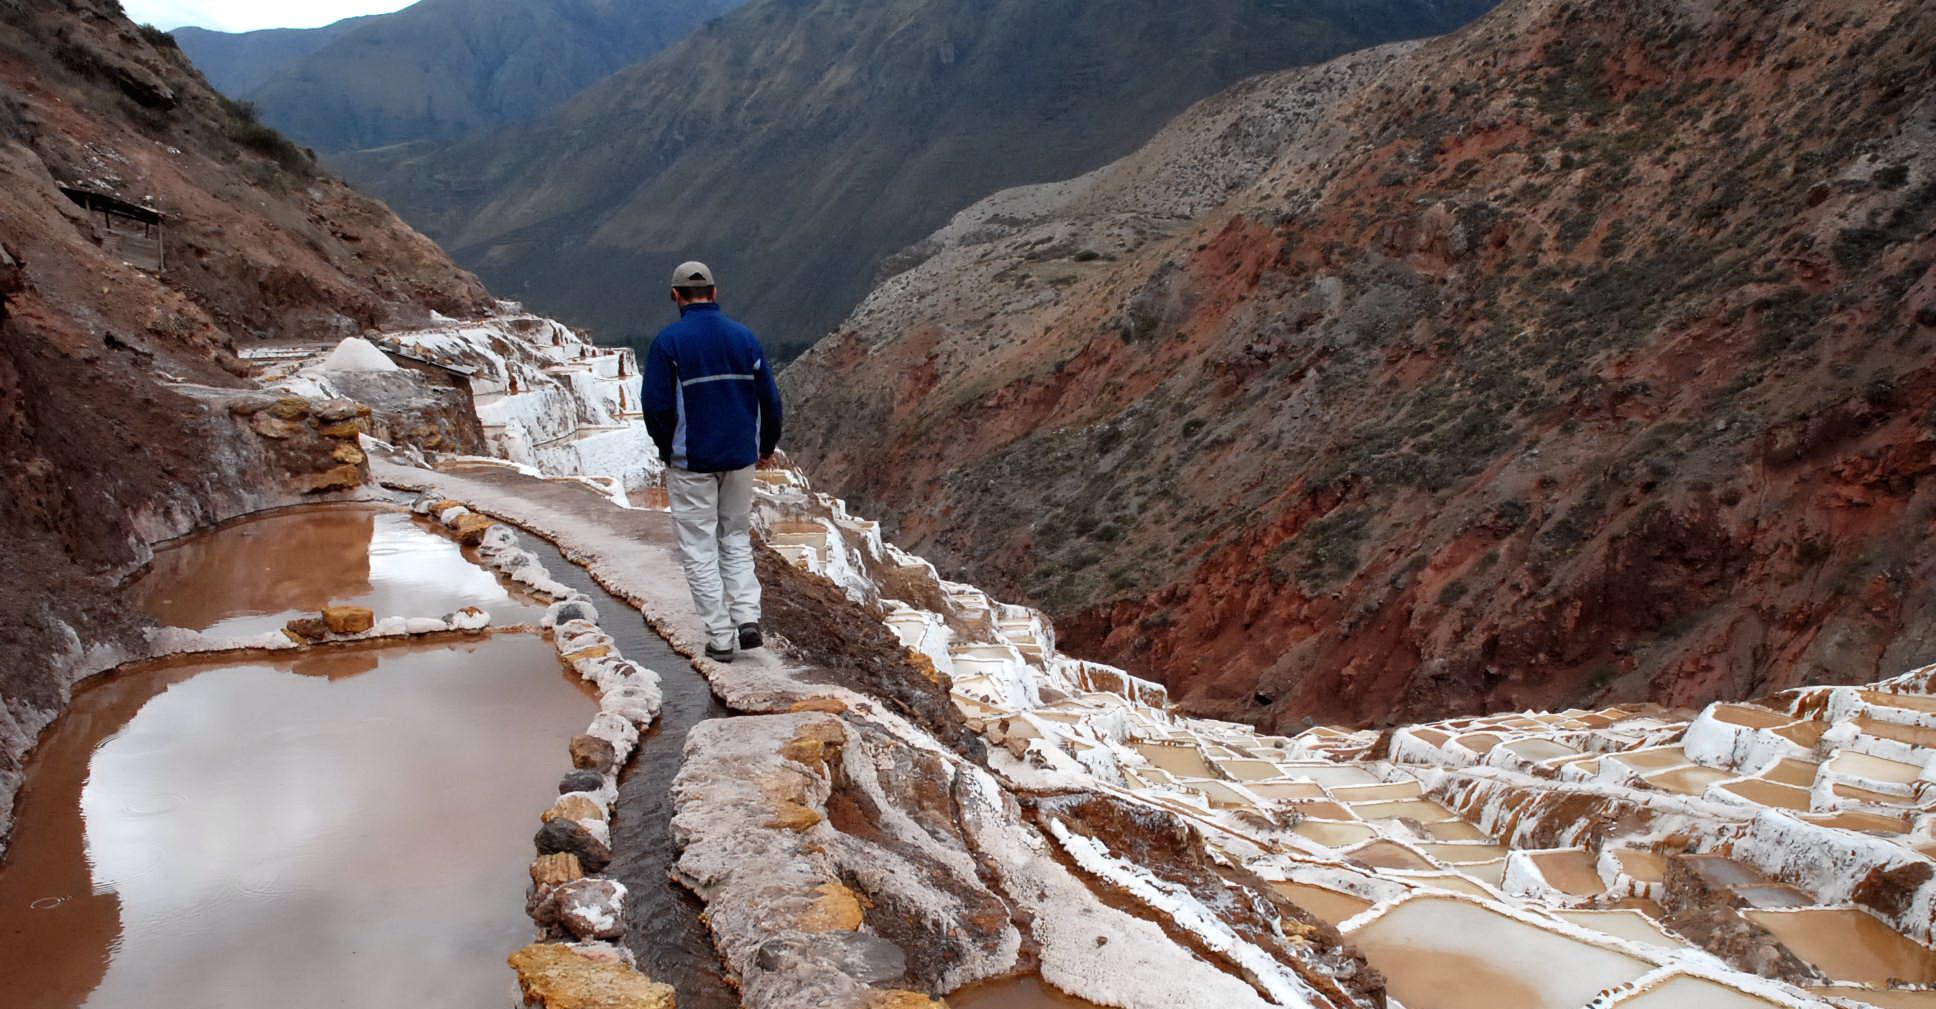 4x4 in Peru